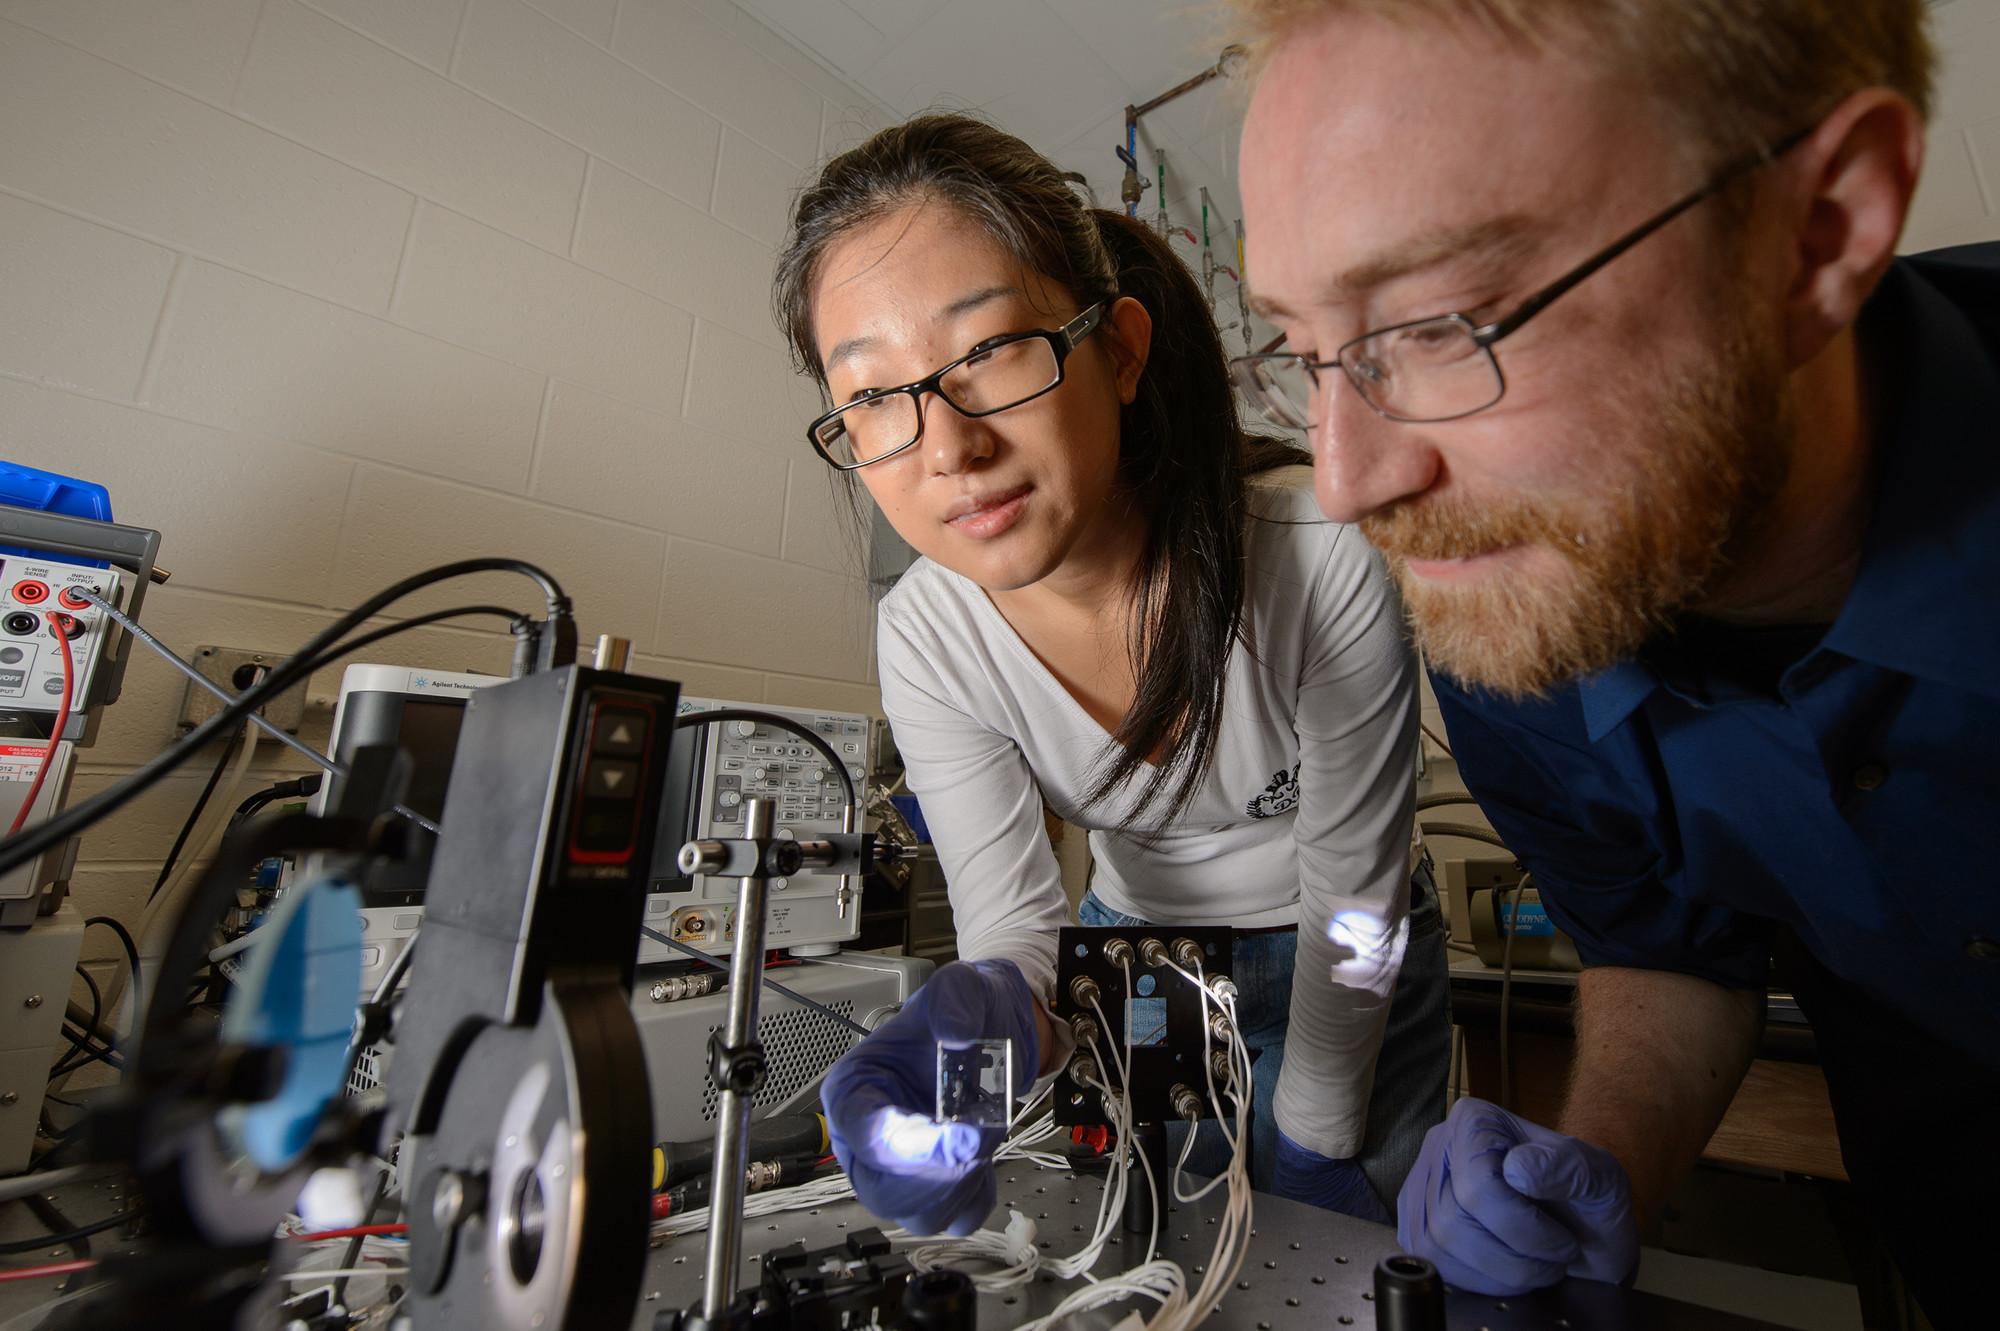 Yimu Zhao, estudiante de doctorado en MSU en ingeniería química y ciencia de los materiales, y Richard Lunt, profesor asistente de  ingeniería química y ciencia de los materiales , hacen un experimento en el laboratorio de Lunt. Imágen © G.L. Kohuth